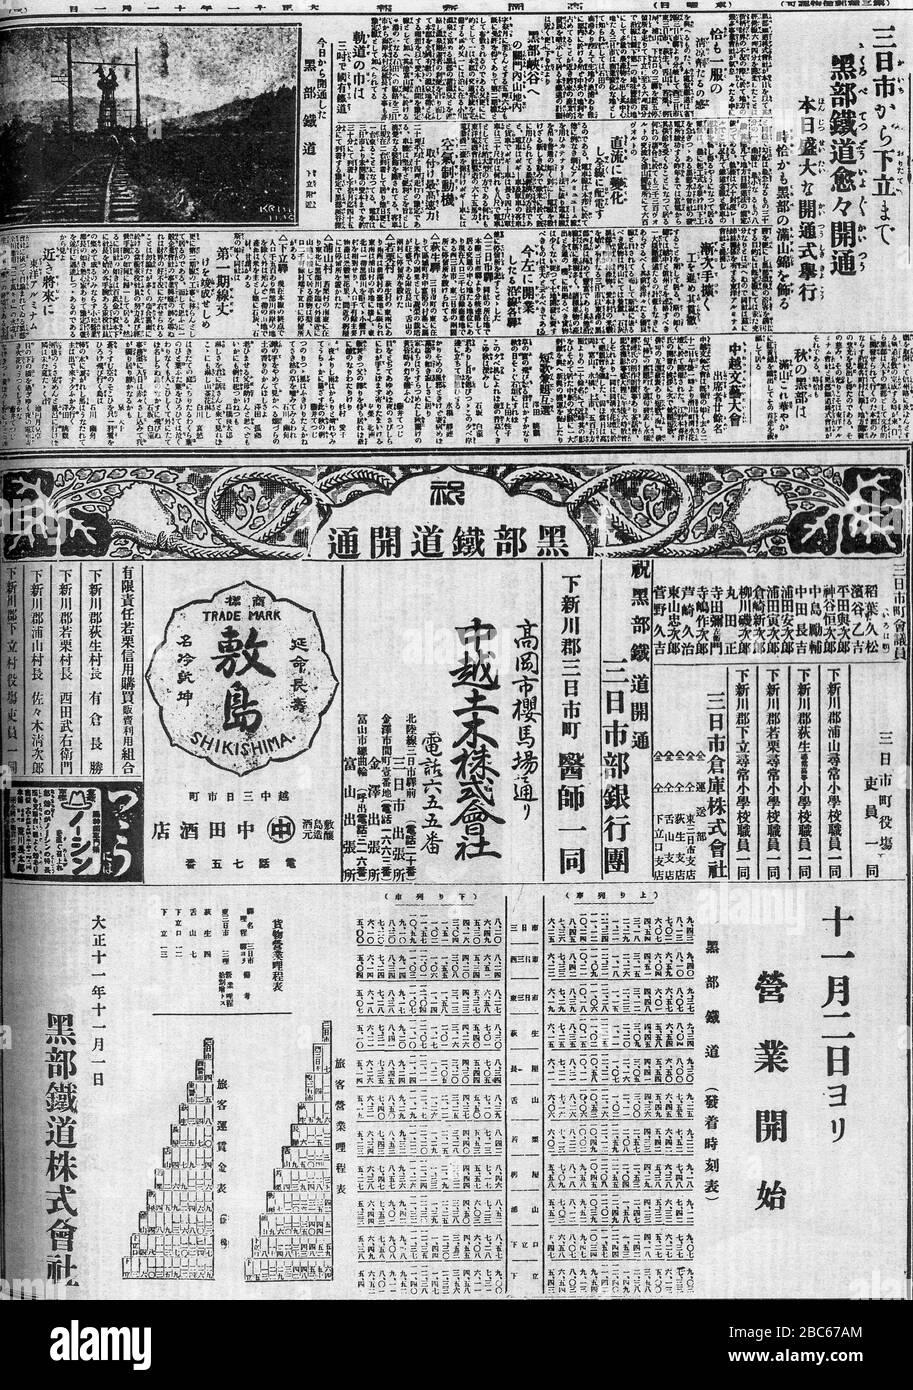 日本語: 黒部鉄道三日市 - 下立間が開業した旨を報ずる新聞記事; 1922 ...